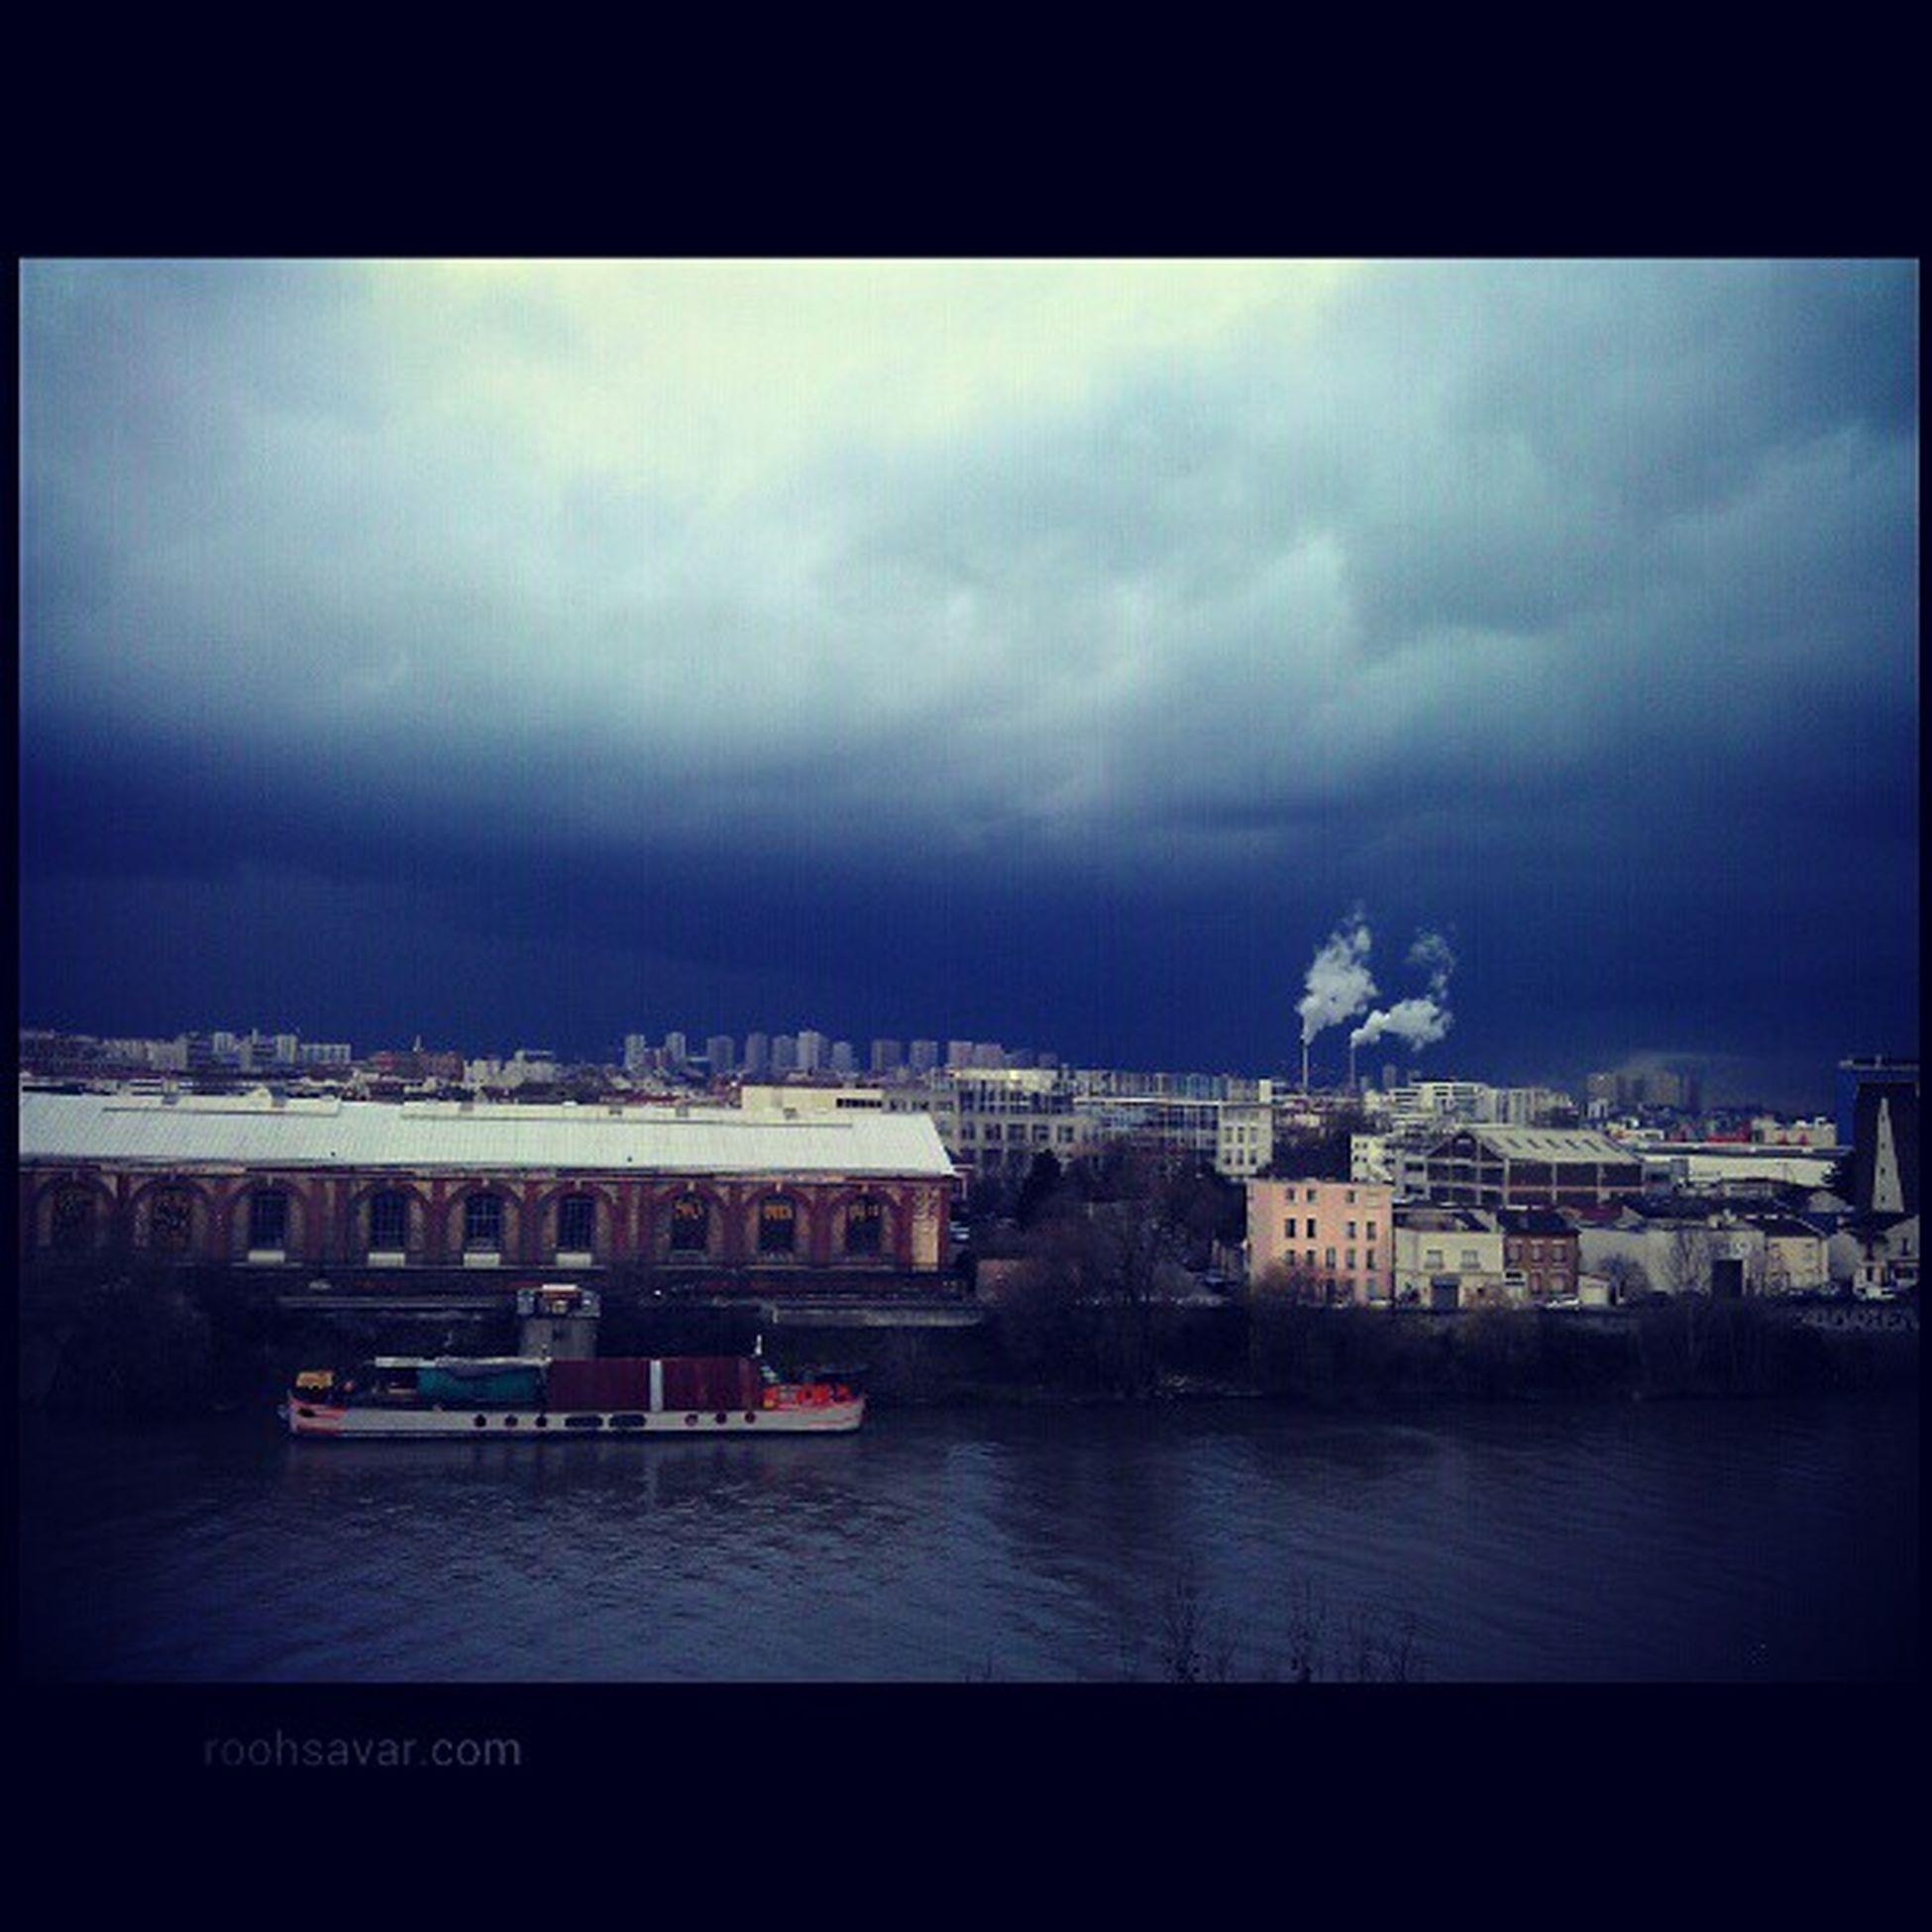 شما برف داشتین ما نداشتیم/ ما رود داشتیم شما نداشتین ;-) Paris